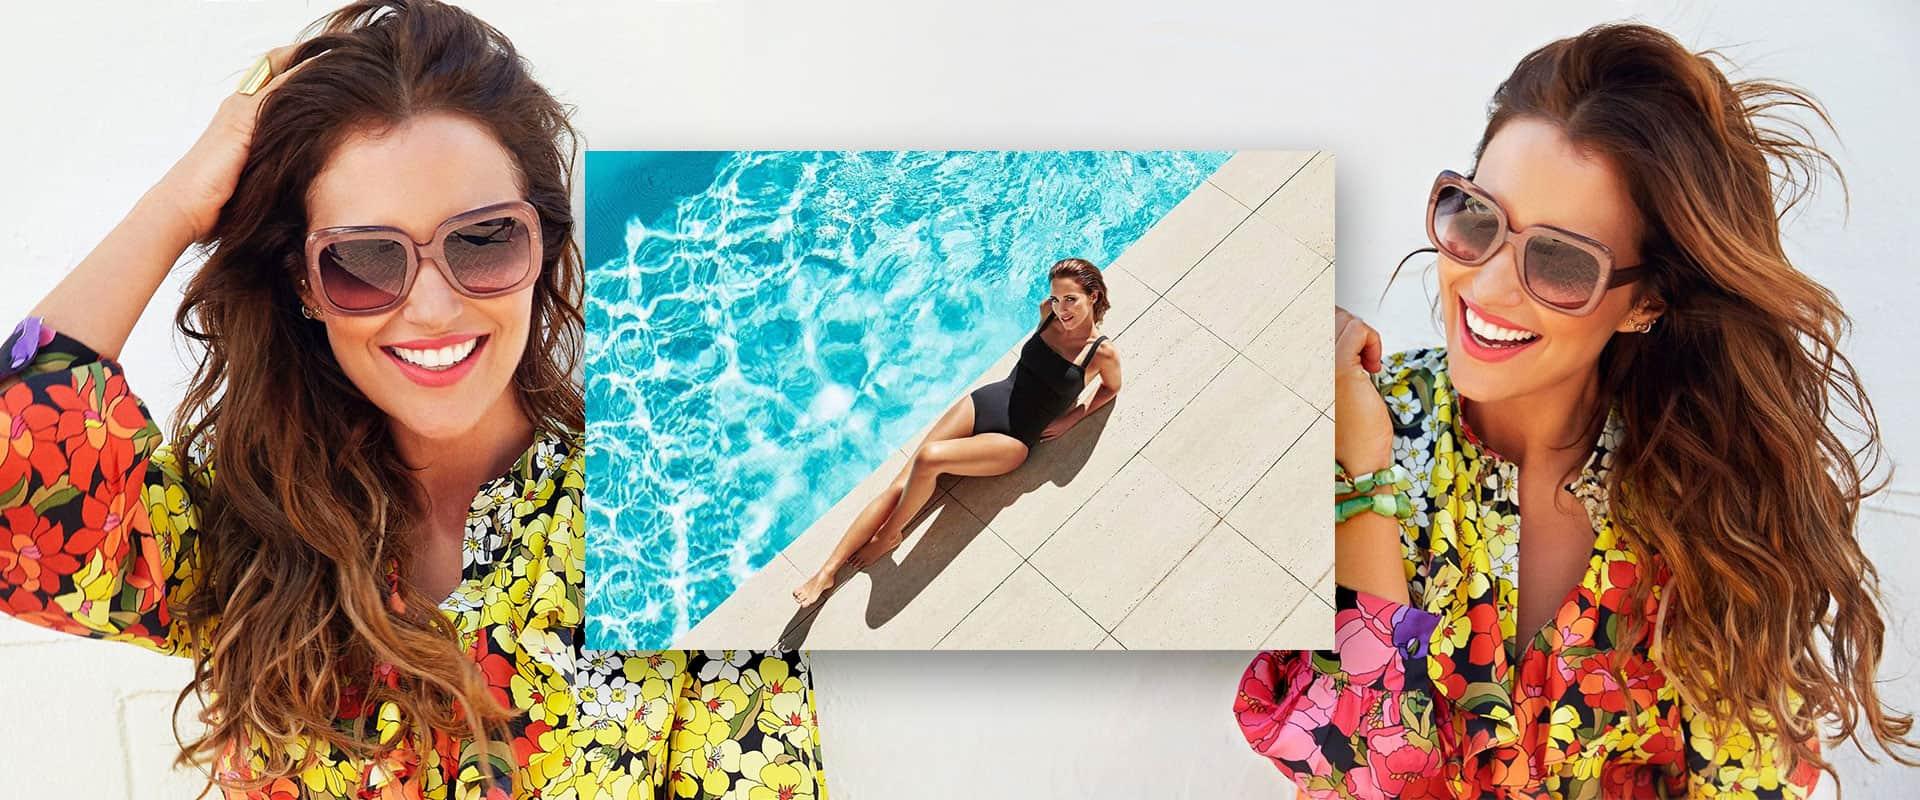 Paula Echevarría se adelanta al verano posando MUY sexy en bañador